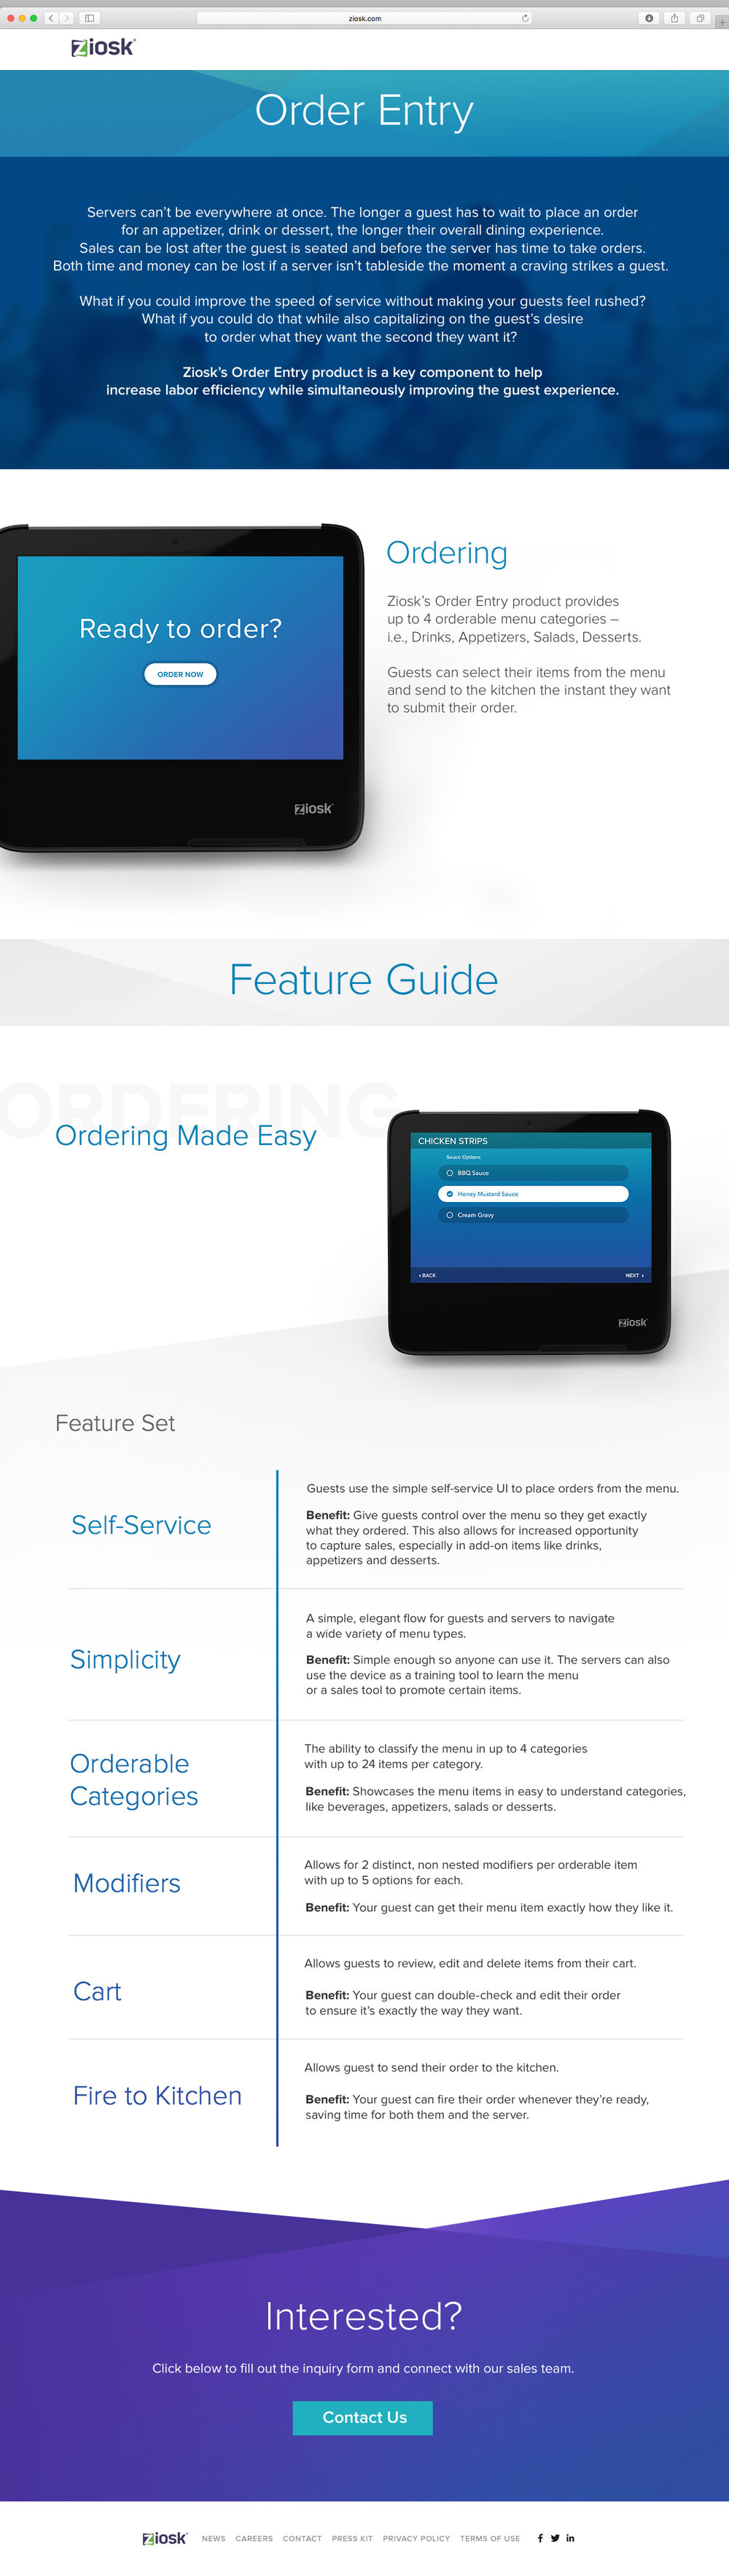 IM_featurePage_OrderEntry.jpg